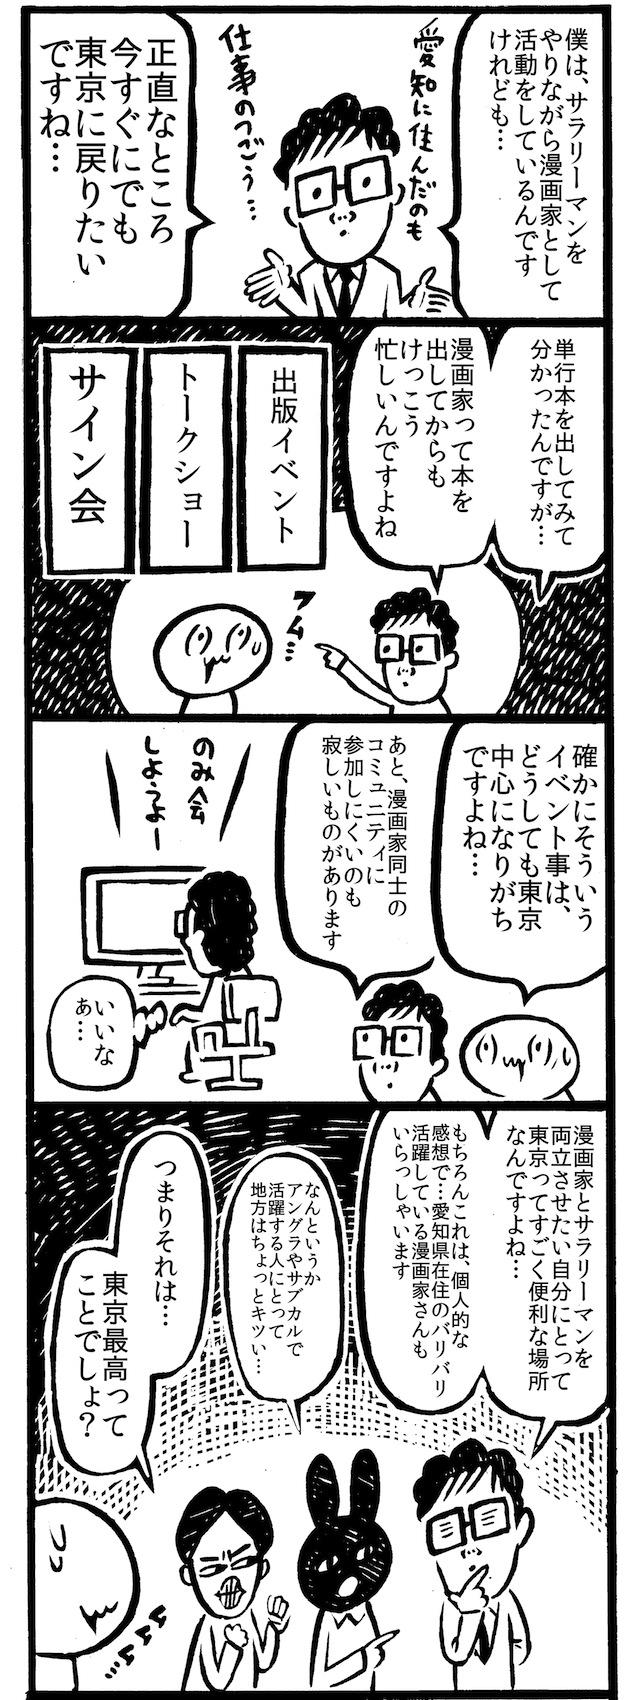 f:id:kakijiro:20160322192410j:plain